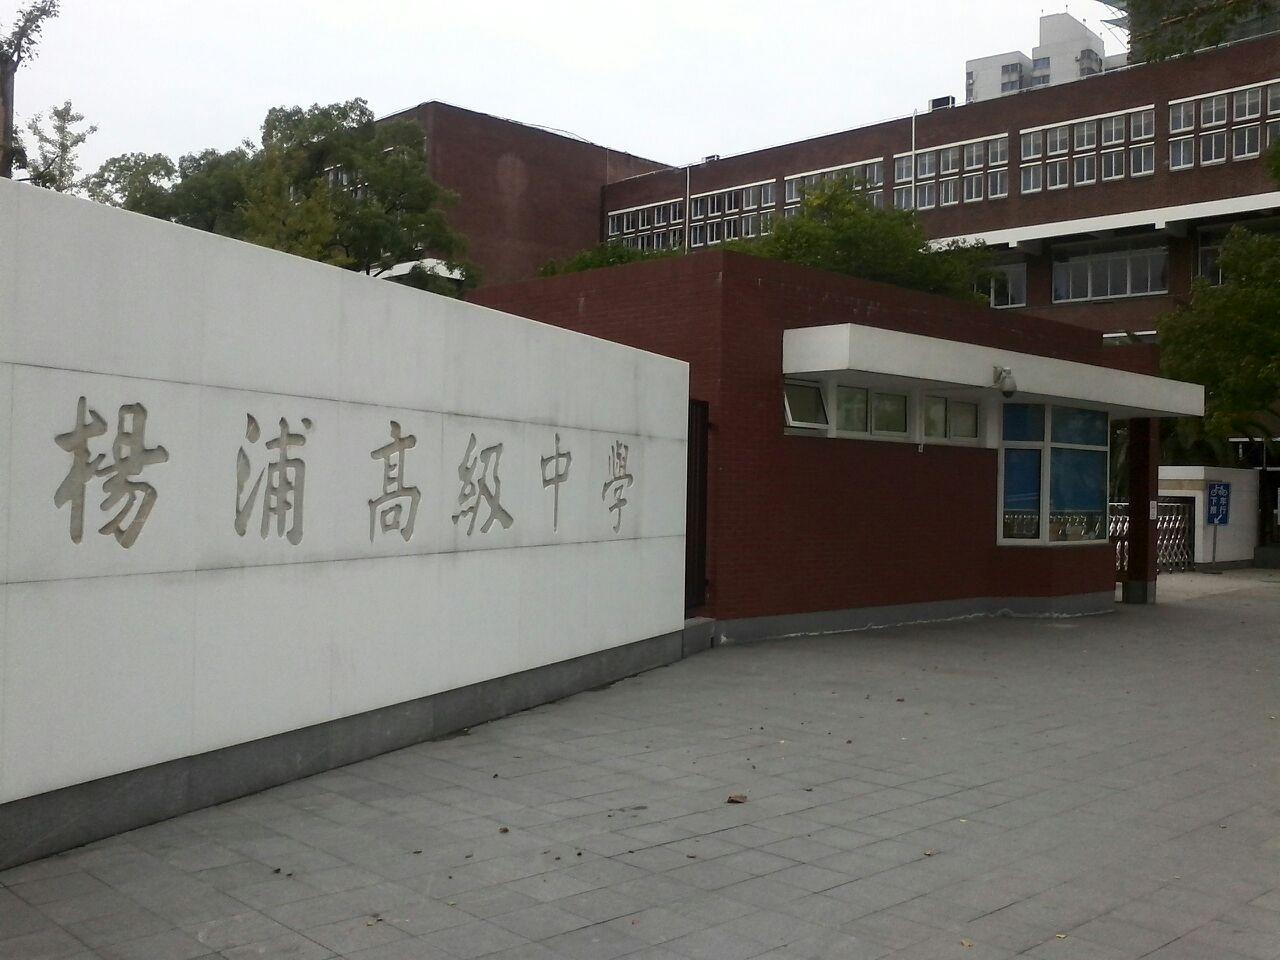 杨浦区学校:标签中学高中教育上海市日本高级中学共人高中生作文杨浦图片